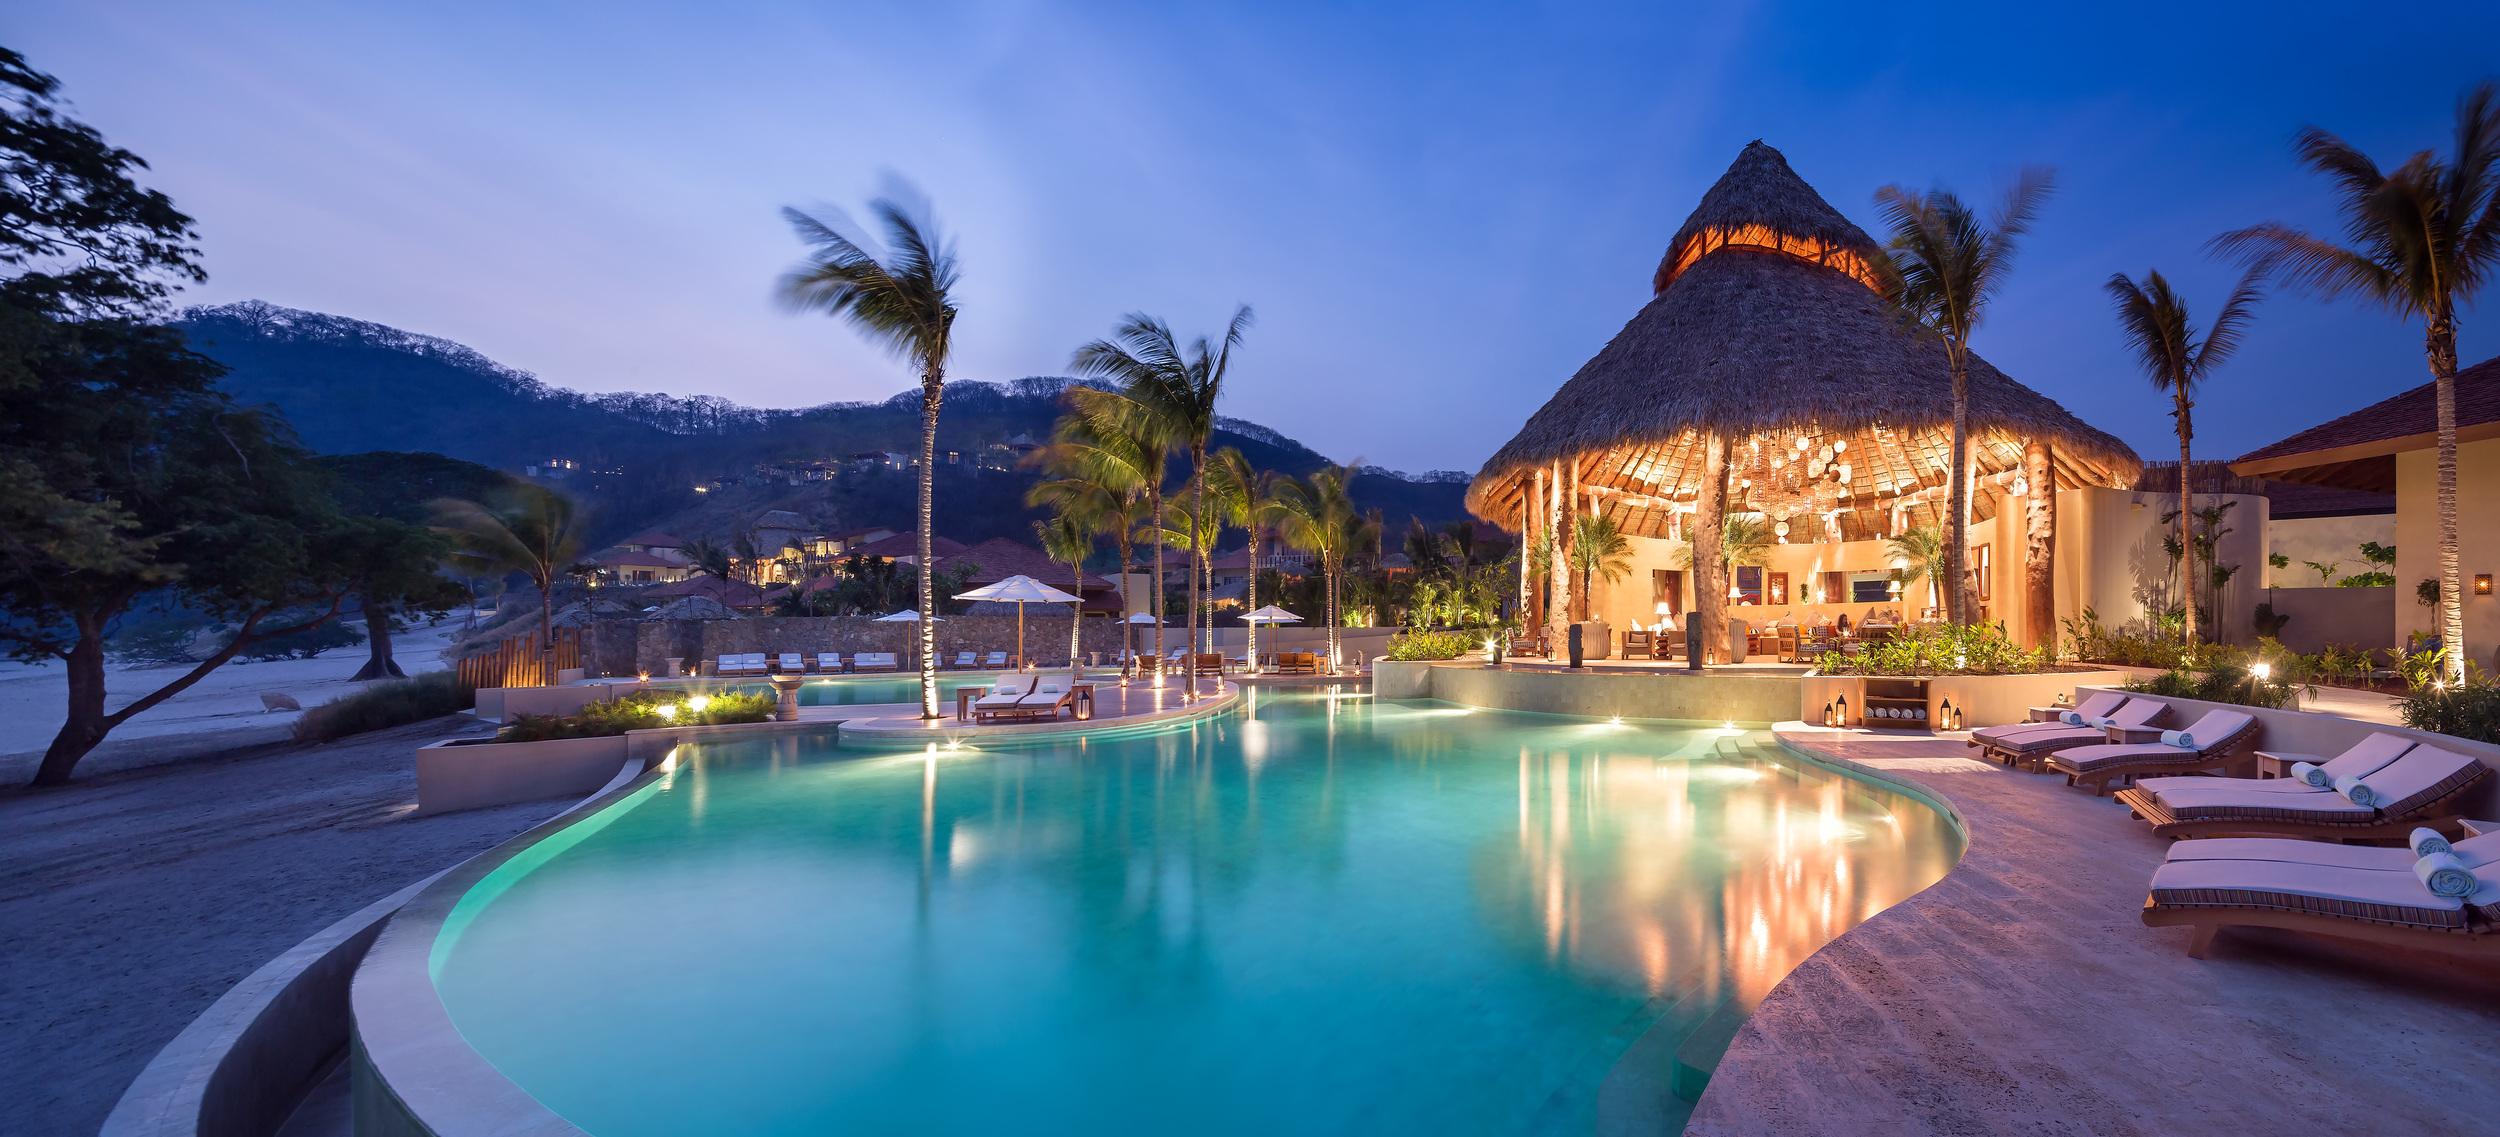 SouthAmerica_Nicaragua_Mukul_Pool.jpg